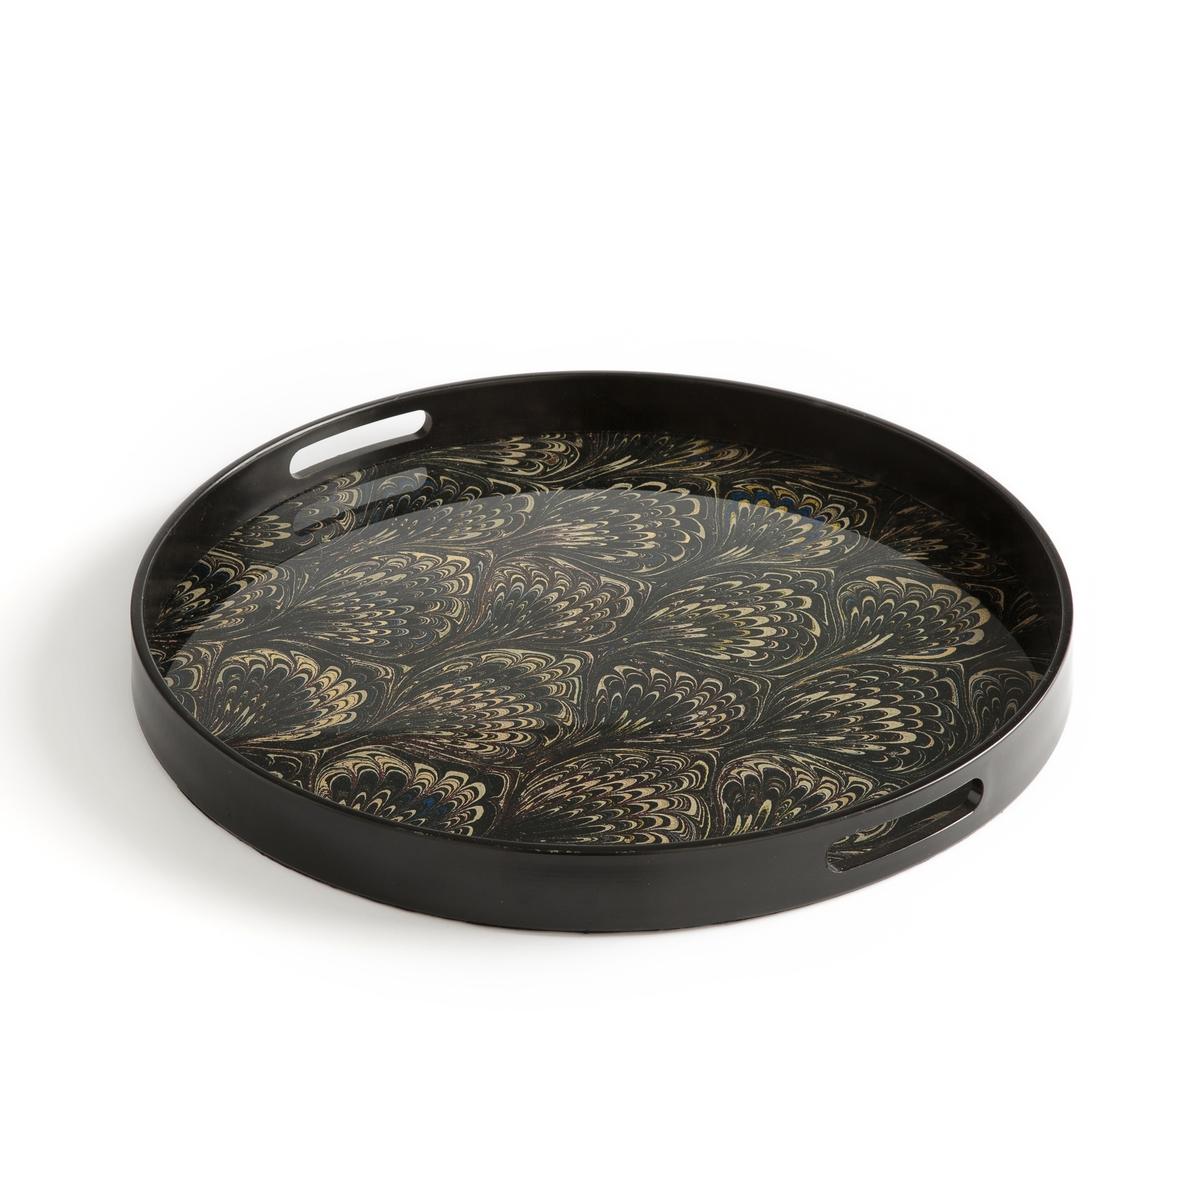 Поднос La Redoute Круглый из стекла Makana единый размер черный